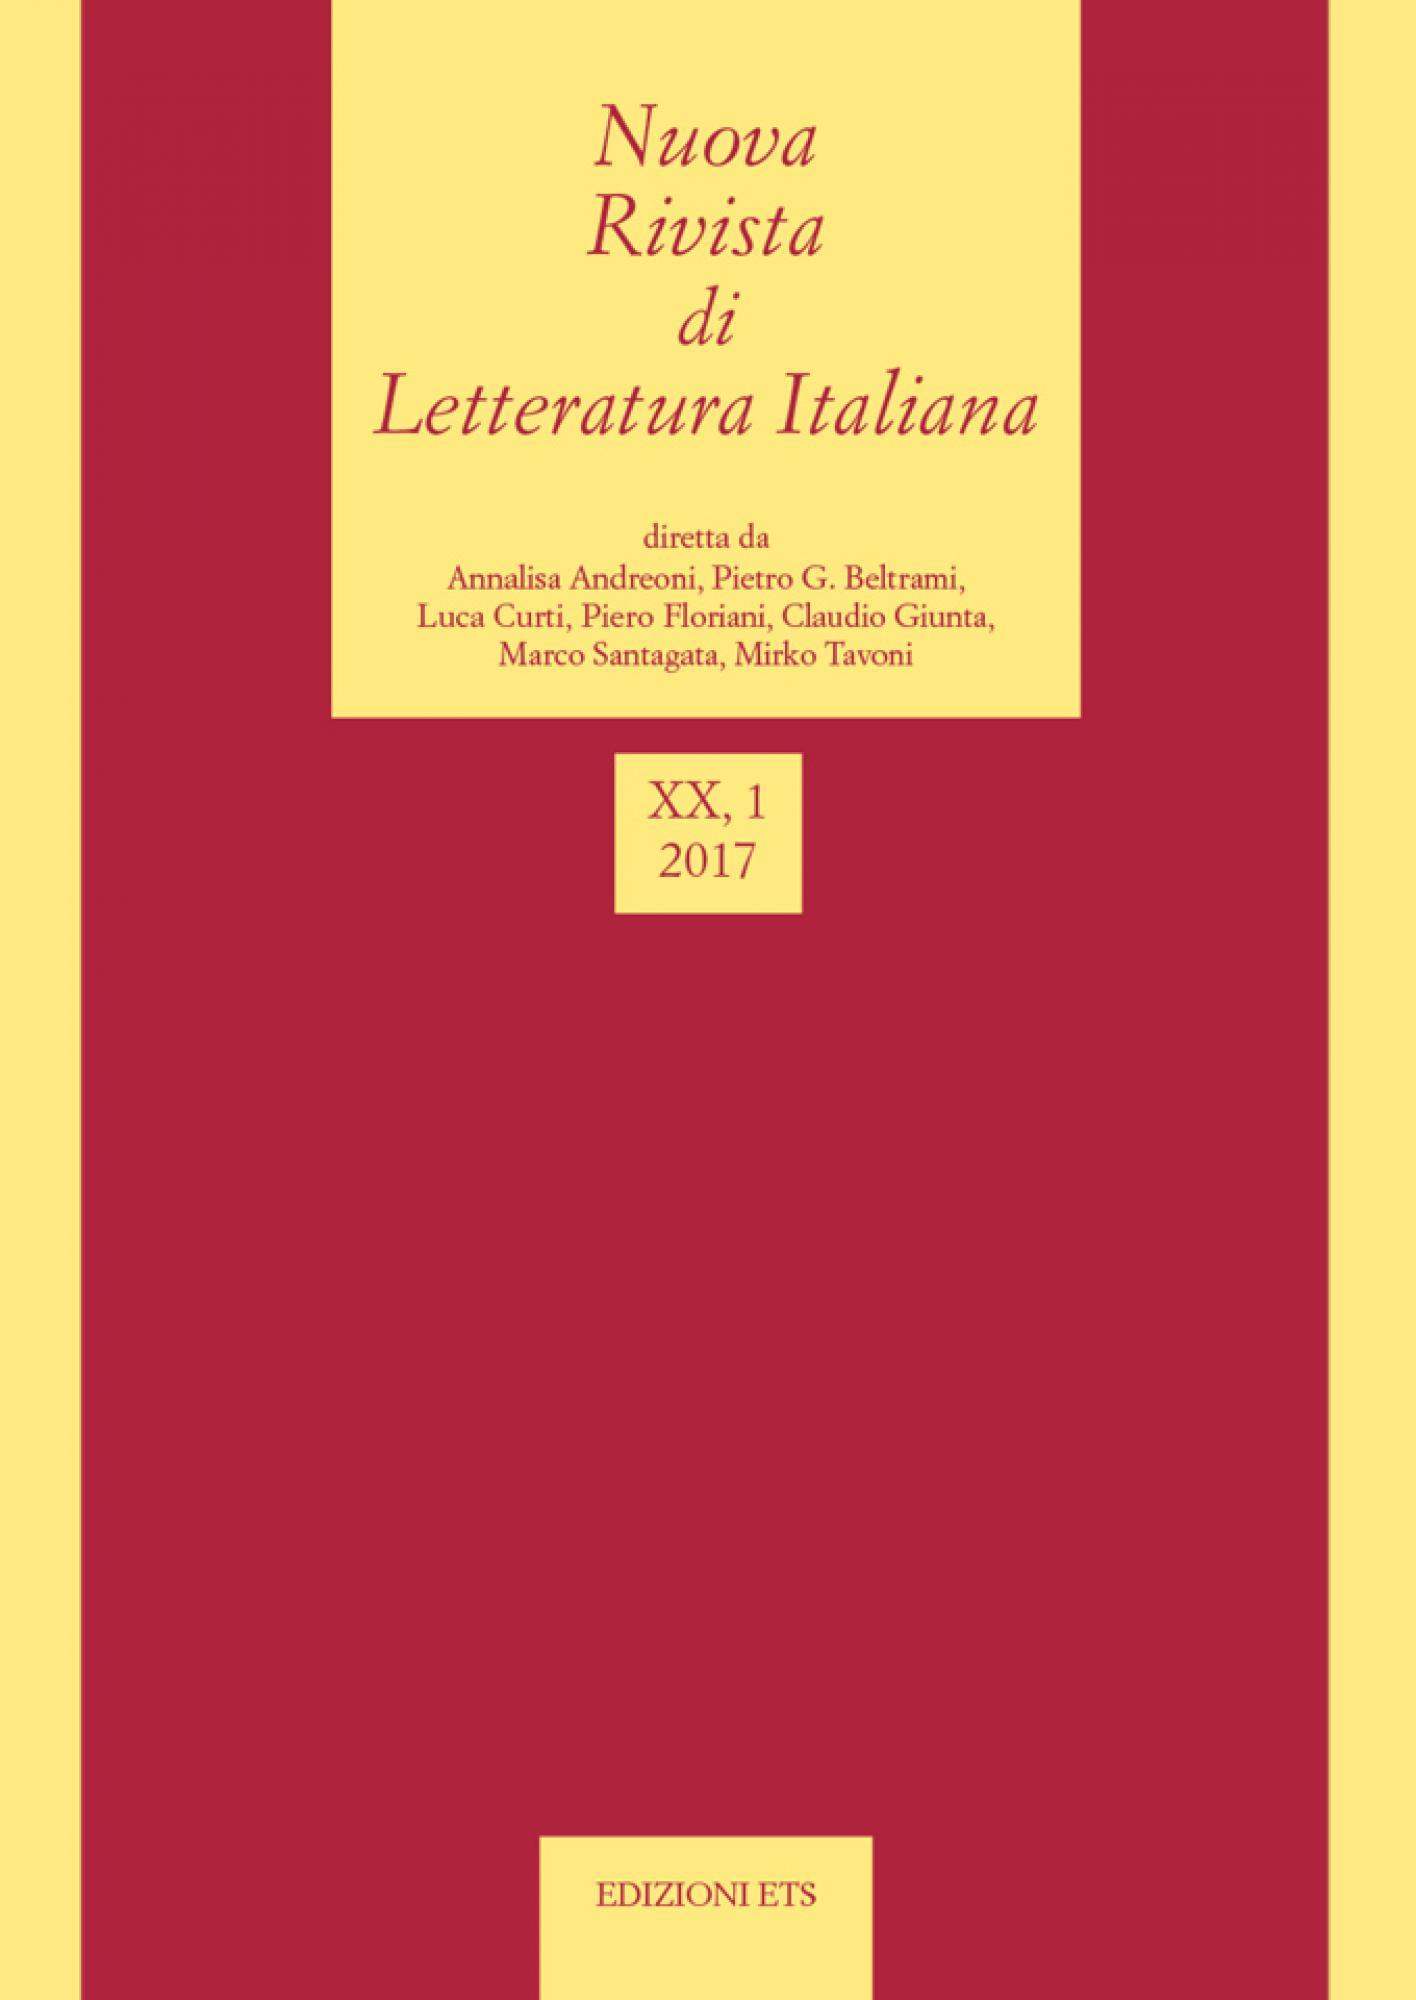 Nuova Rivista di Letteratura Italiana.2017, 1